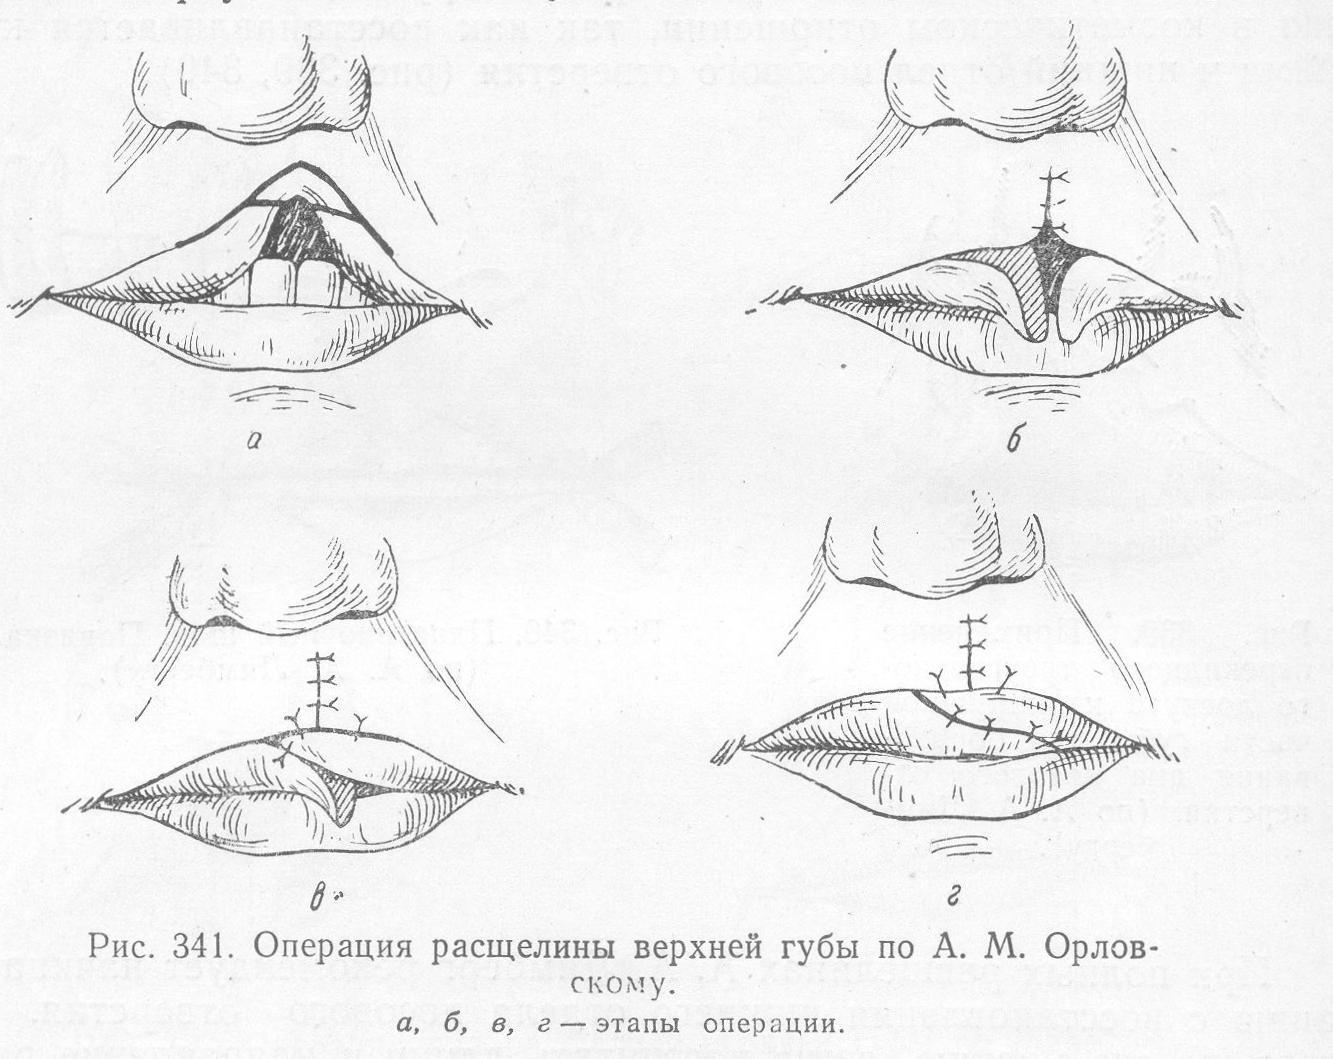 Заячья губа и волчья пасть: причины и способы борьбы с недугом